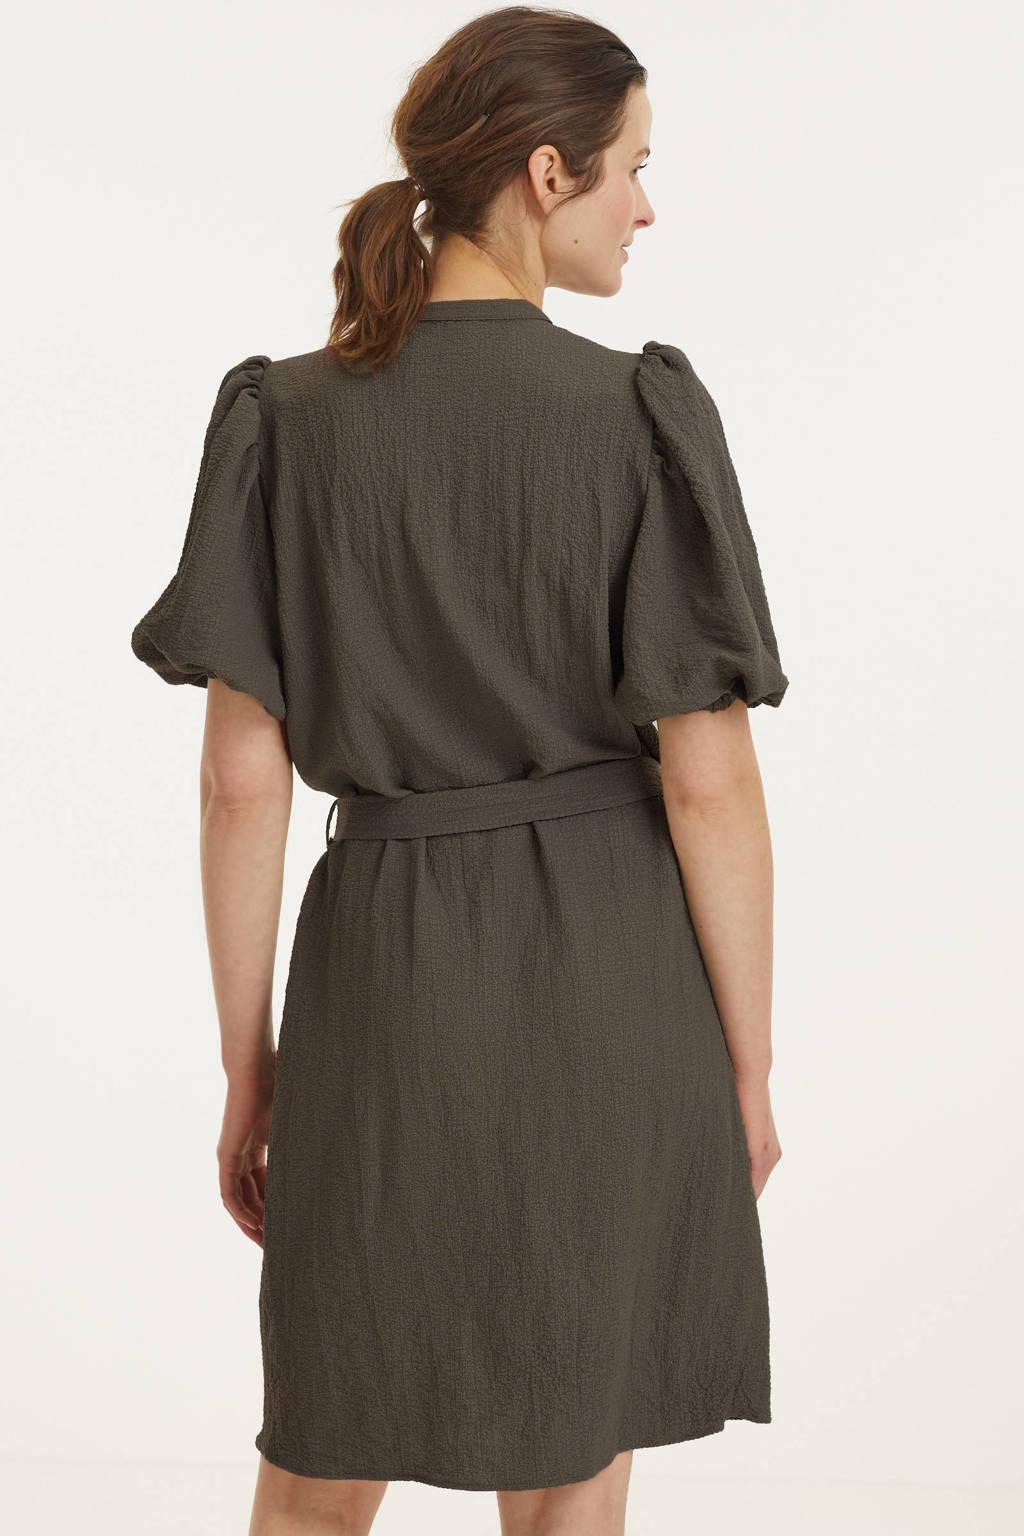 SisterS Point jurk met ceintuur kaki, Kaki